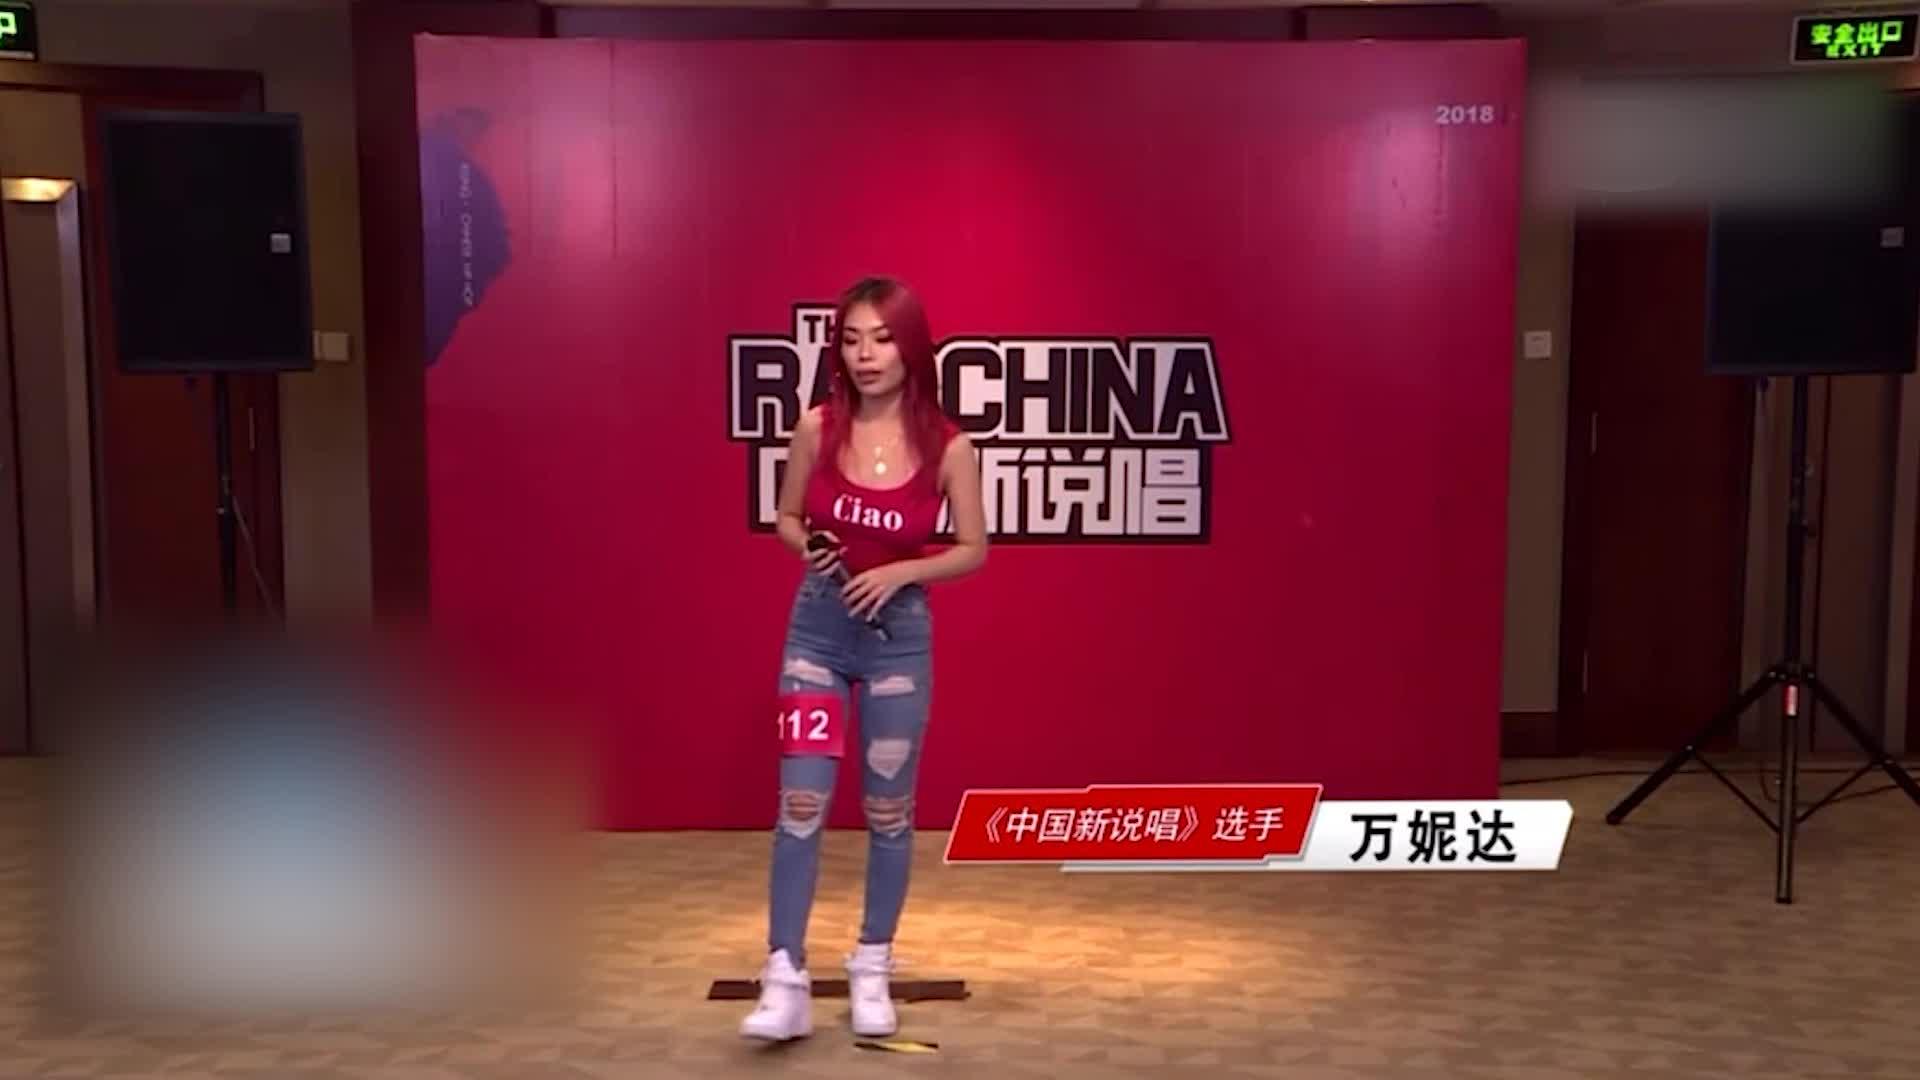 #经典看电影#女Rapper在中国新说唱的海选视频!万妮达&刘柏辛!